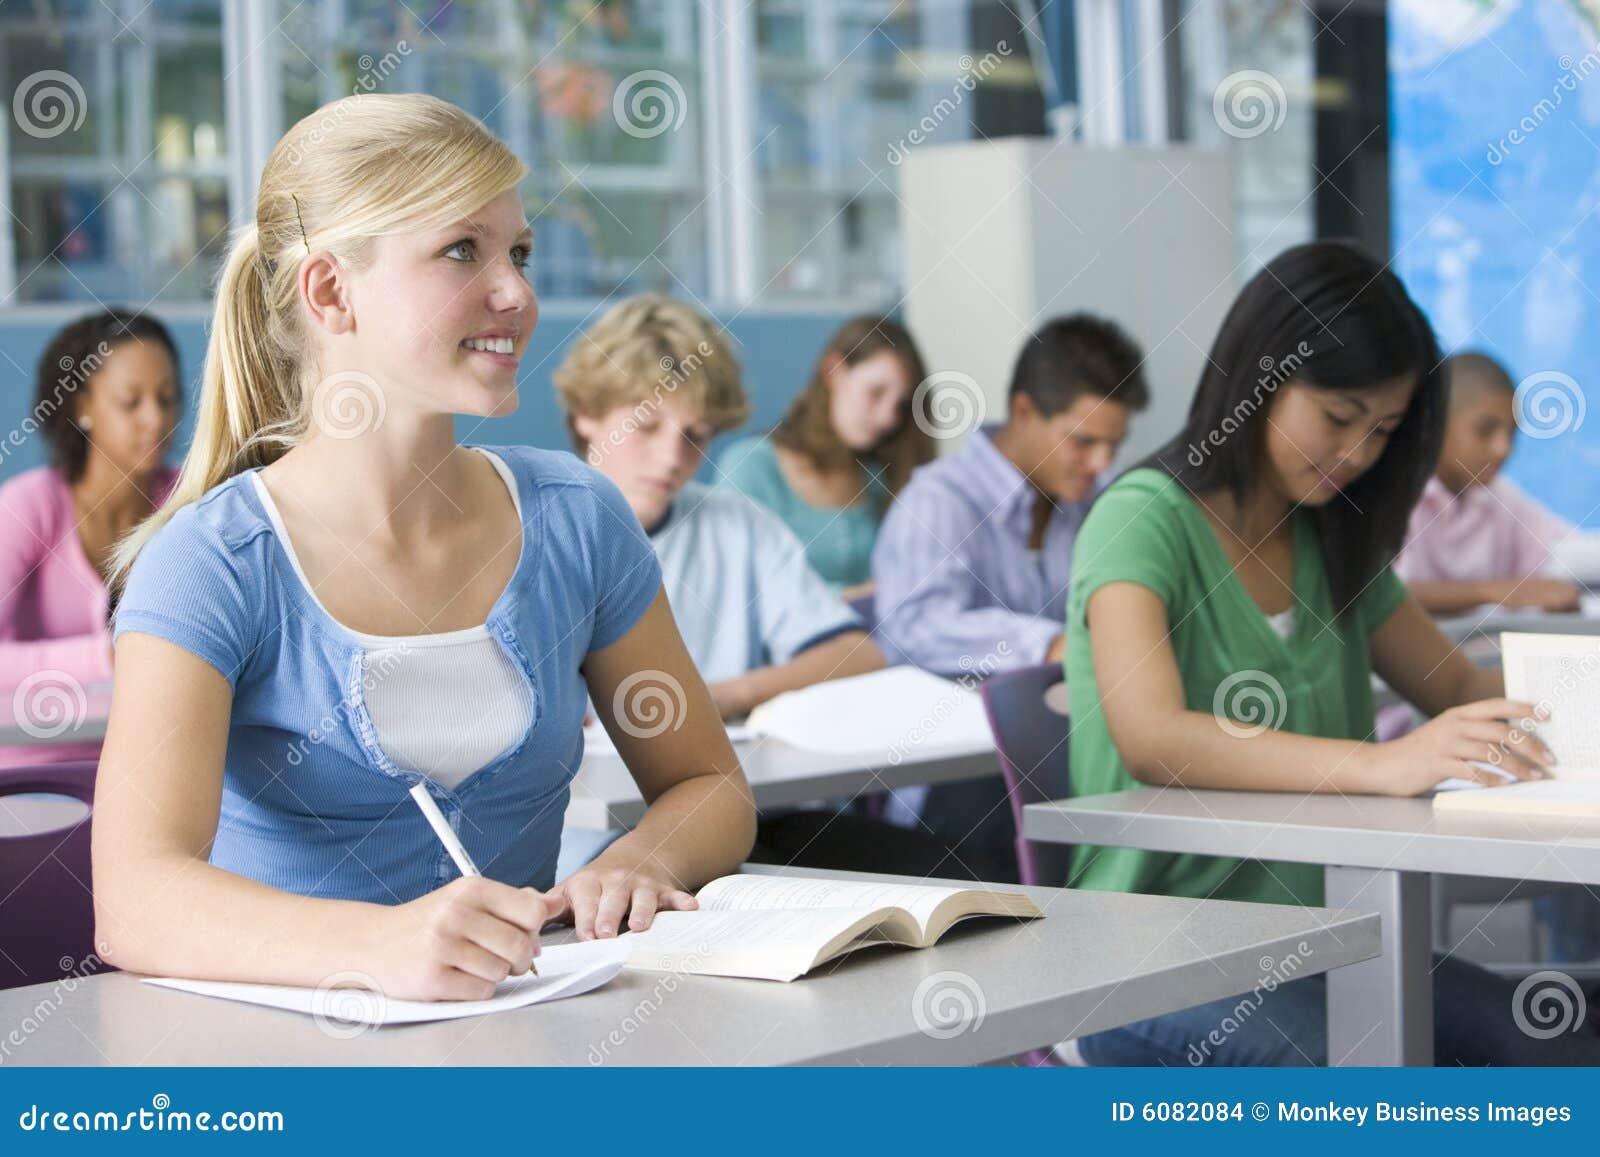 Schoolgirl In High School Class Stock Images - Image: 6082084